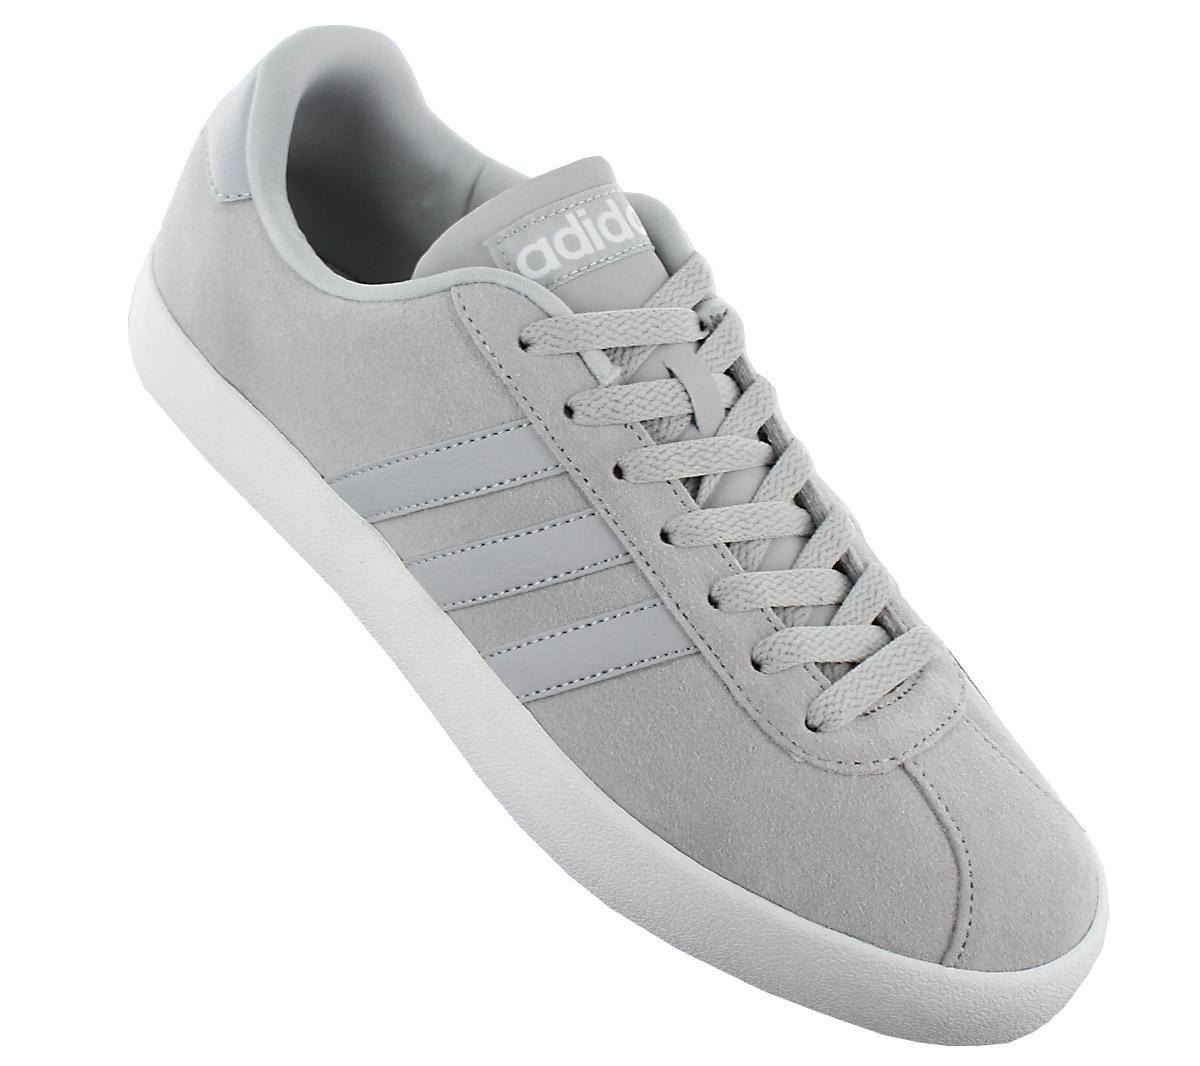 adidas vl corte, te le scarpe di cuoio grigio scarpe scarpe uomini